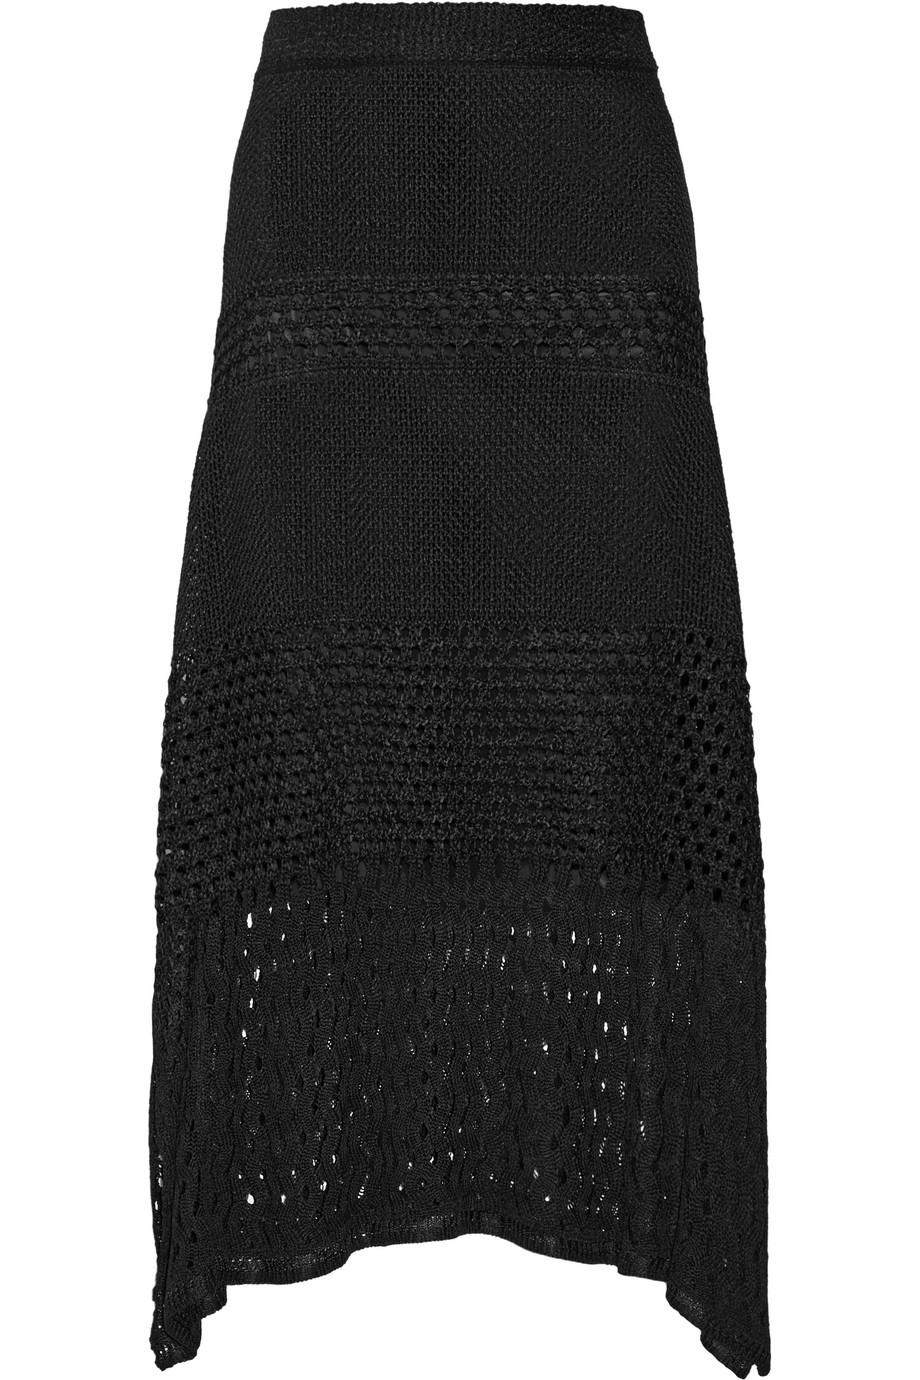 Proenza Schouler Asymmetric Crocheted Skirt